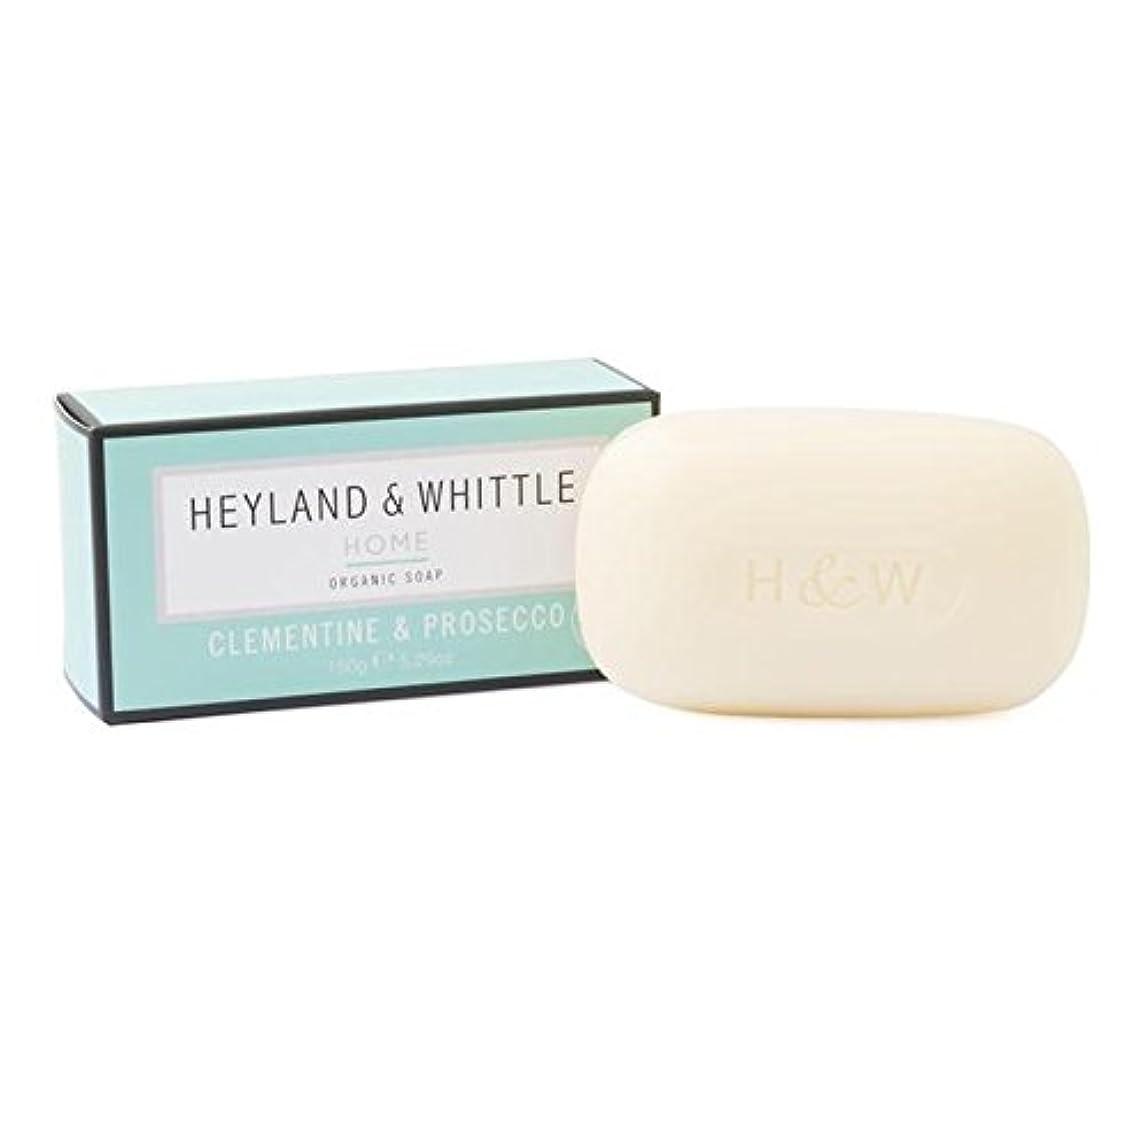 初期の削除するトレイHeyland & Whittle Home Clementine & Prosecco Organic Soap 150g - &削るホームクレメンタイン&プロセッコ有機石鹸150グラム [並行輸入品]